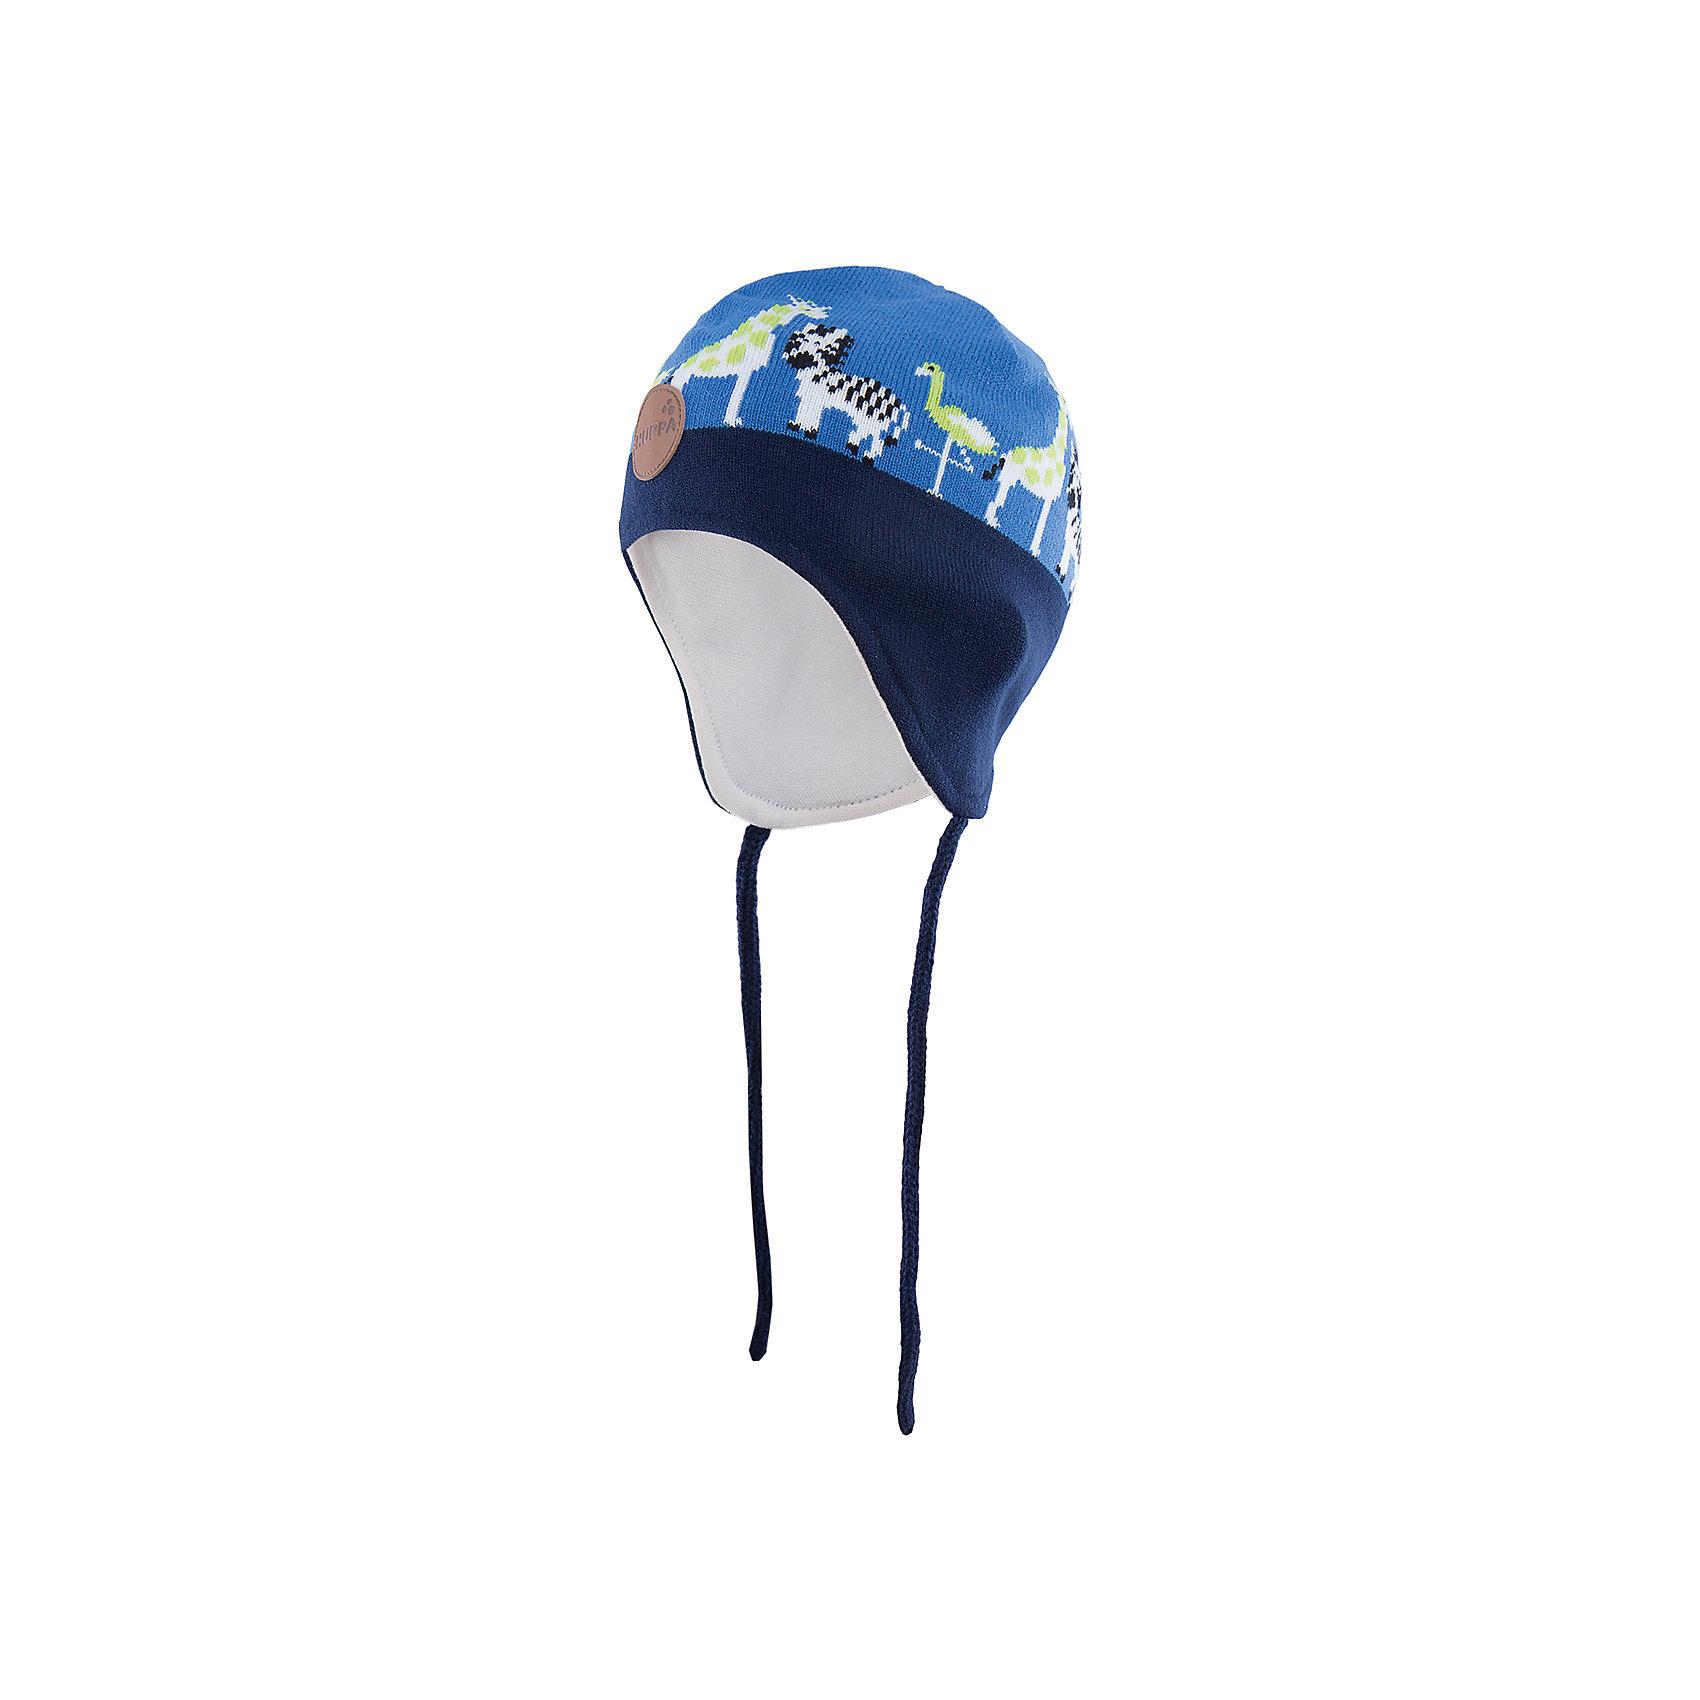 Шапка  HuppaШапочки<br>Стильная шапка Karro со зверюшками от Huppa(хуппа) изготовлена из акрила и прекрасно сохраняет тепло. Кроме того, она отлично закрывает уши и не даст ребенку замерзнуть, даже в мороз!<br><br>Дополнительная информация:<br>Цвет: синий/темно-синий<br>Состав: 100% акрил<br>Подкладка: трикотаж - 100% хлопок<br><br>Шапку от Huppa(хуппа) вы можете приобрести в нашем интернет-магазине.<br><br>Ширина мм: 89<br>Глубина мм: 117<br>Высота мм: 44<br>Вес г: 155<br>Цвет: синий<br>Возраст от месяцев: 9<br>Возраст до месяцев: 12<br>Пол: Мужской<br>Возраст: Детский<br>Размер: 43-45,51-53,47-49<br>SKU: 4923517